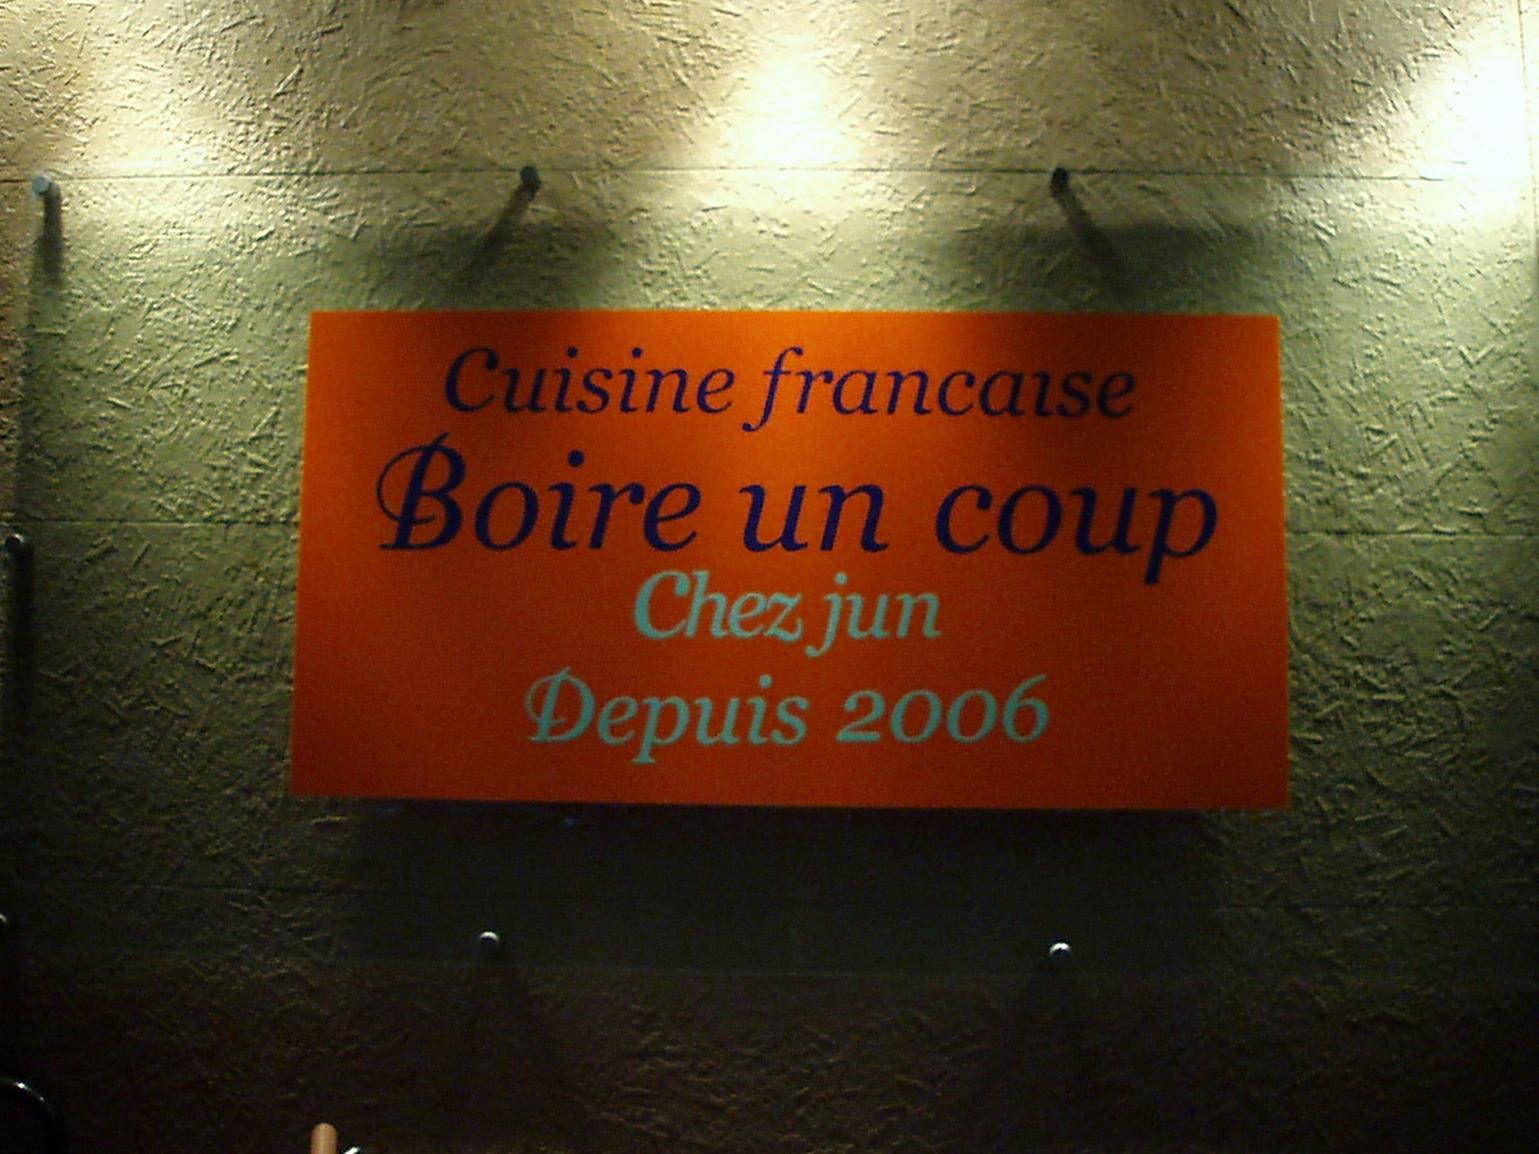 Boire un coup name=